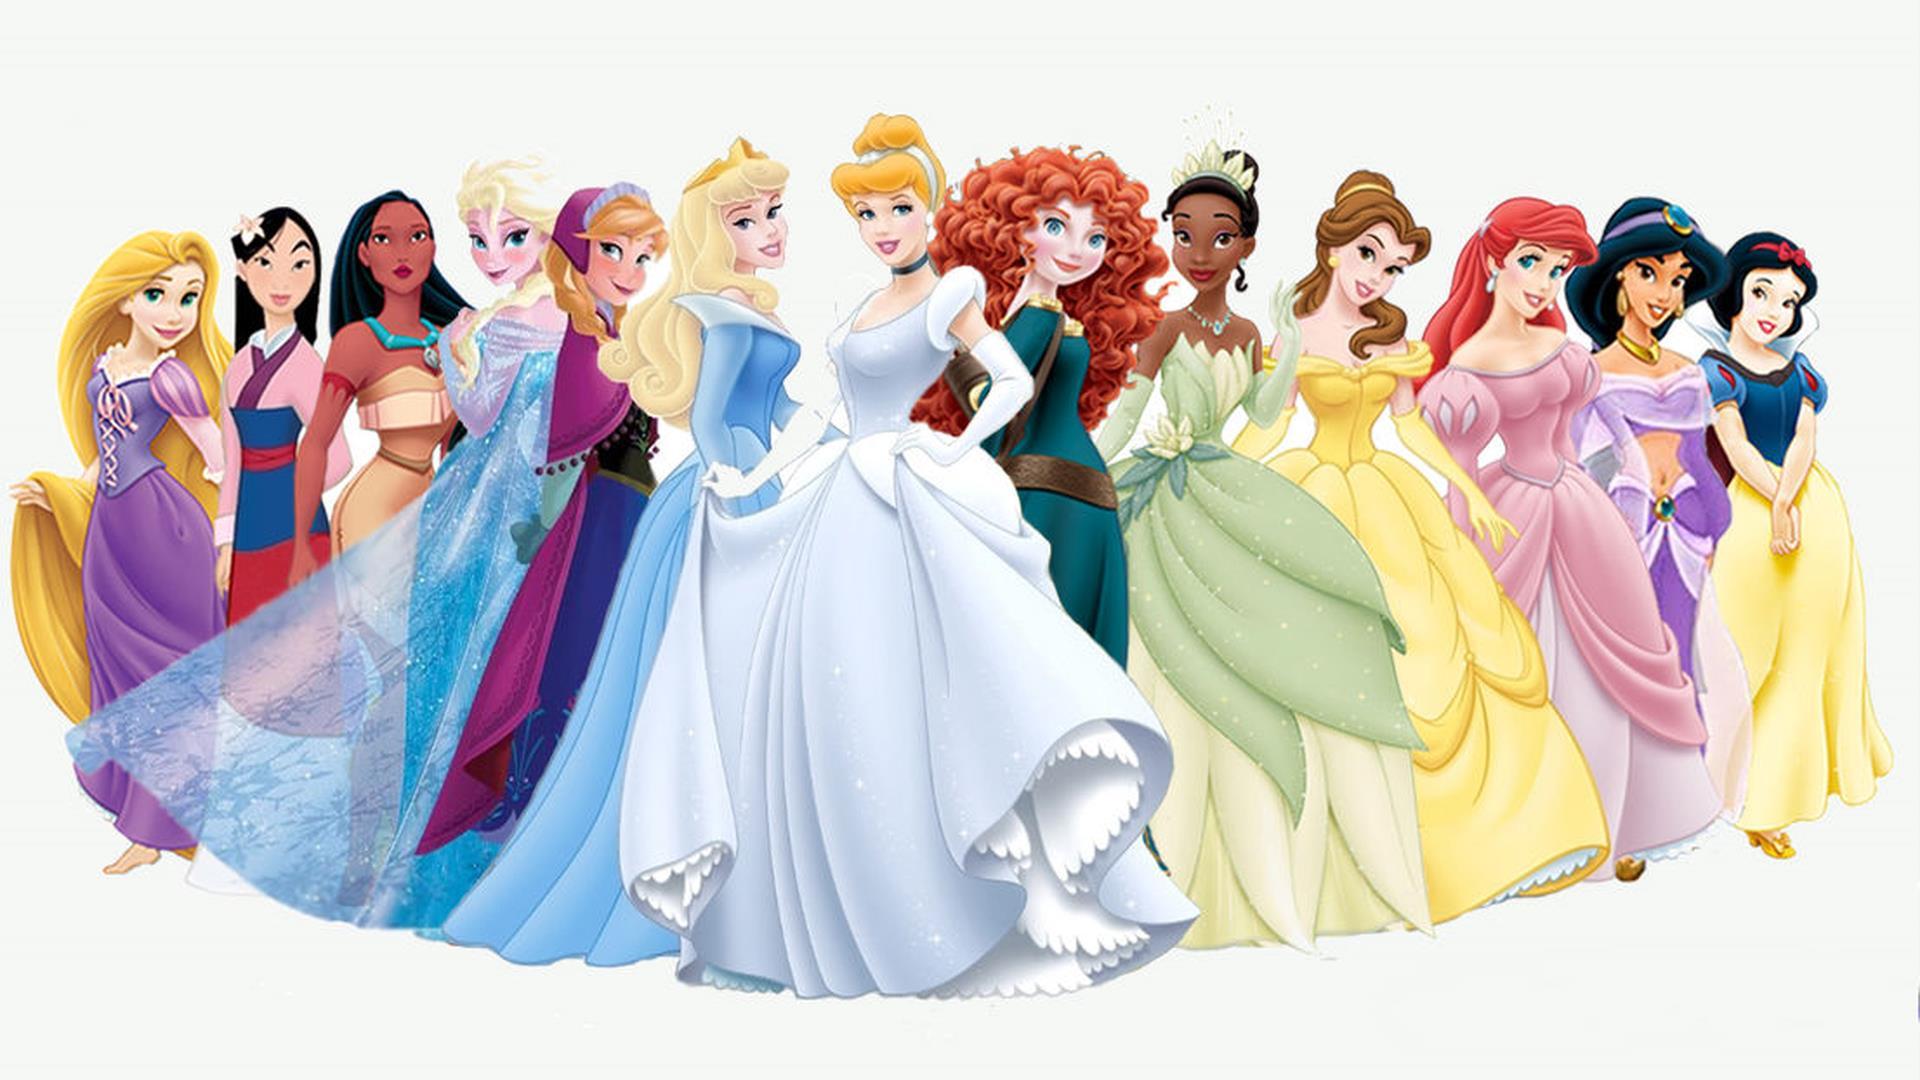 Principesse Disney badass: dalla meno combattiva alla più tosta